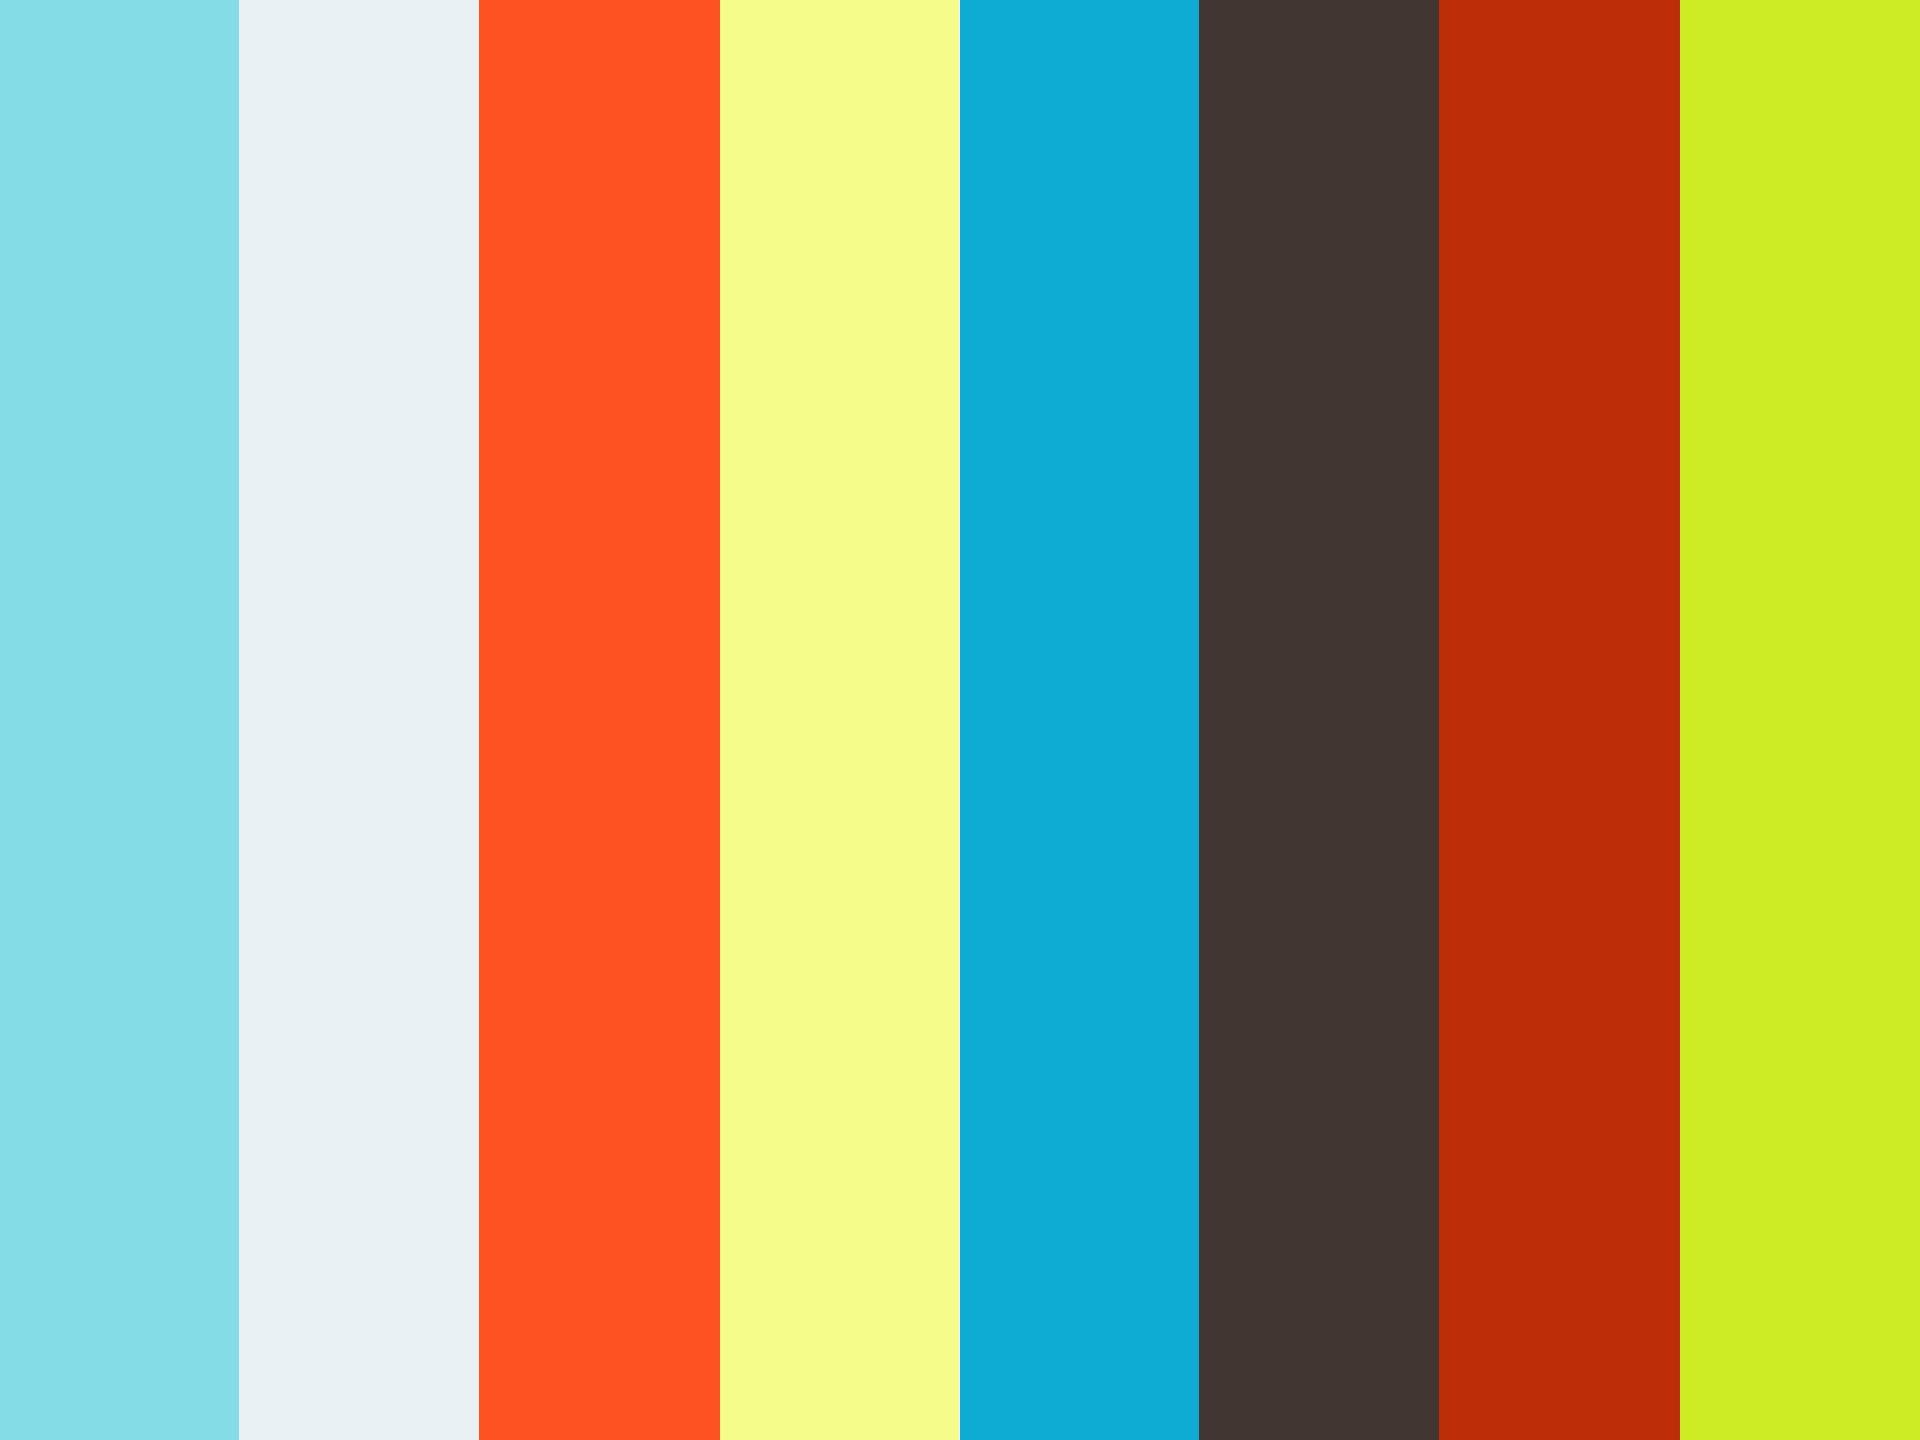 Site De Rencontre Gay à Cholet (49)